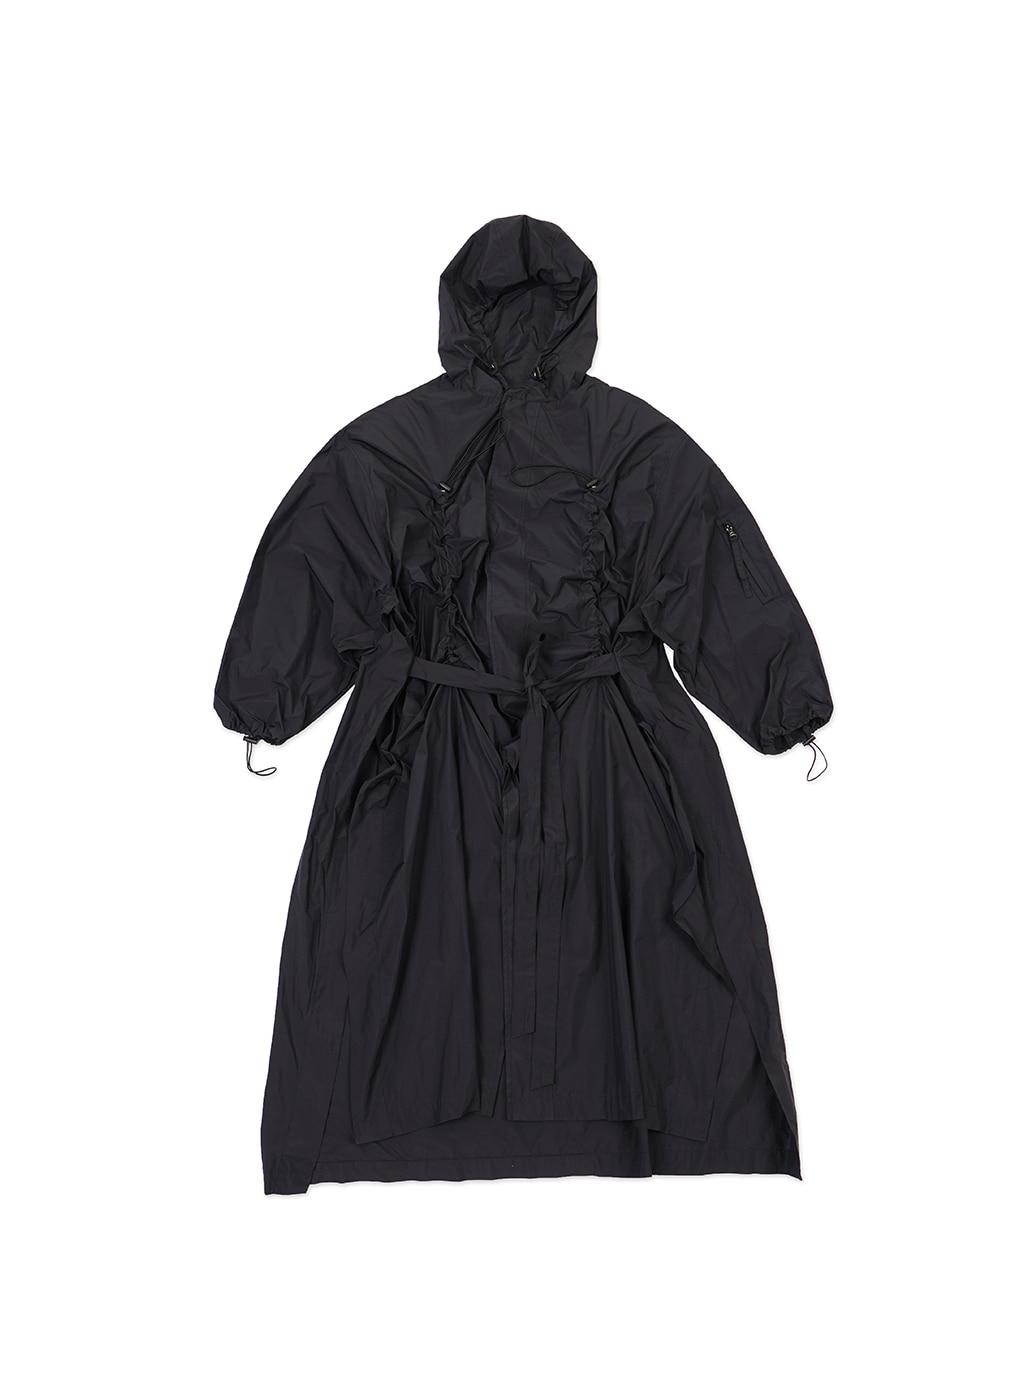 Black Luminous Logo Print Rain Coat